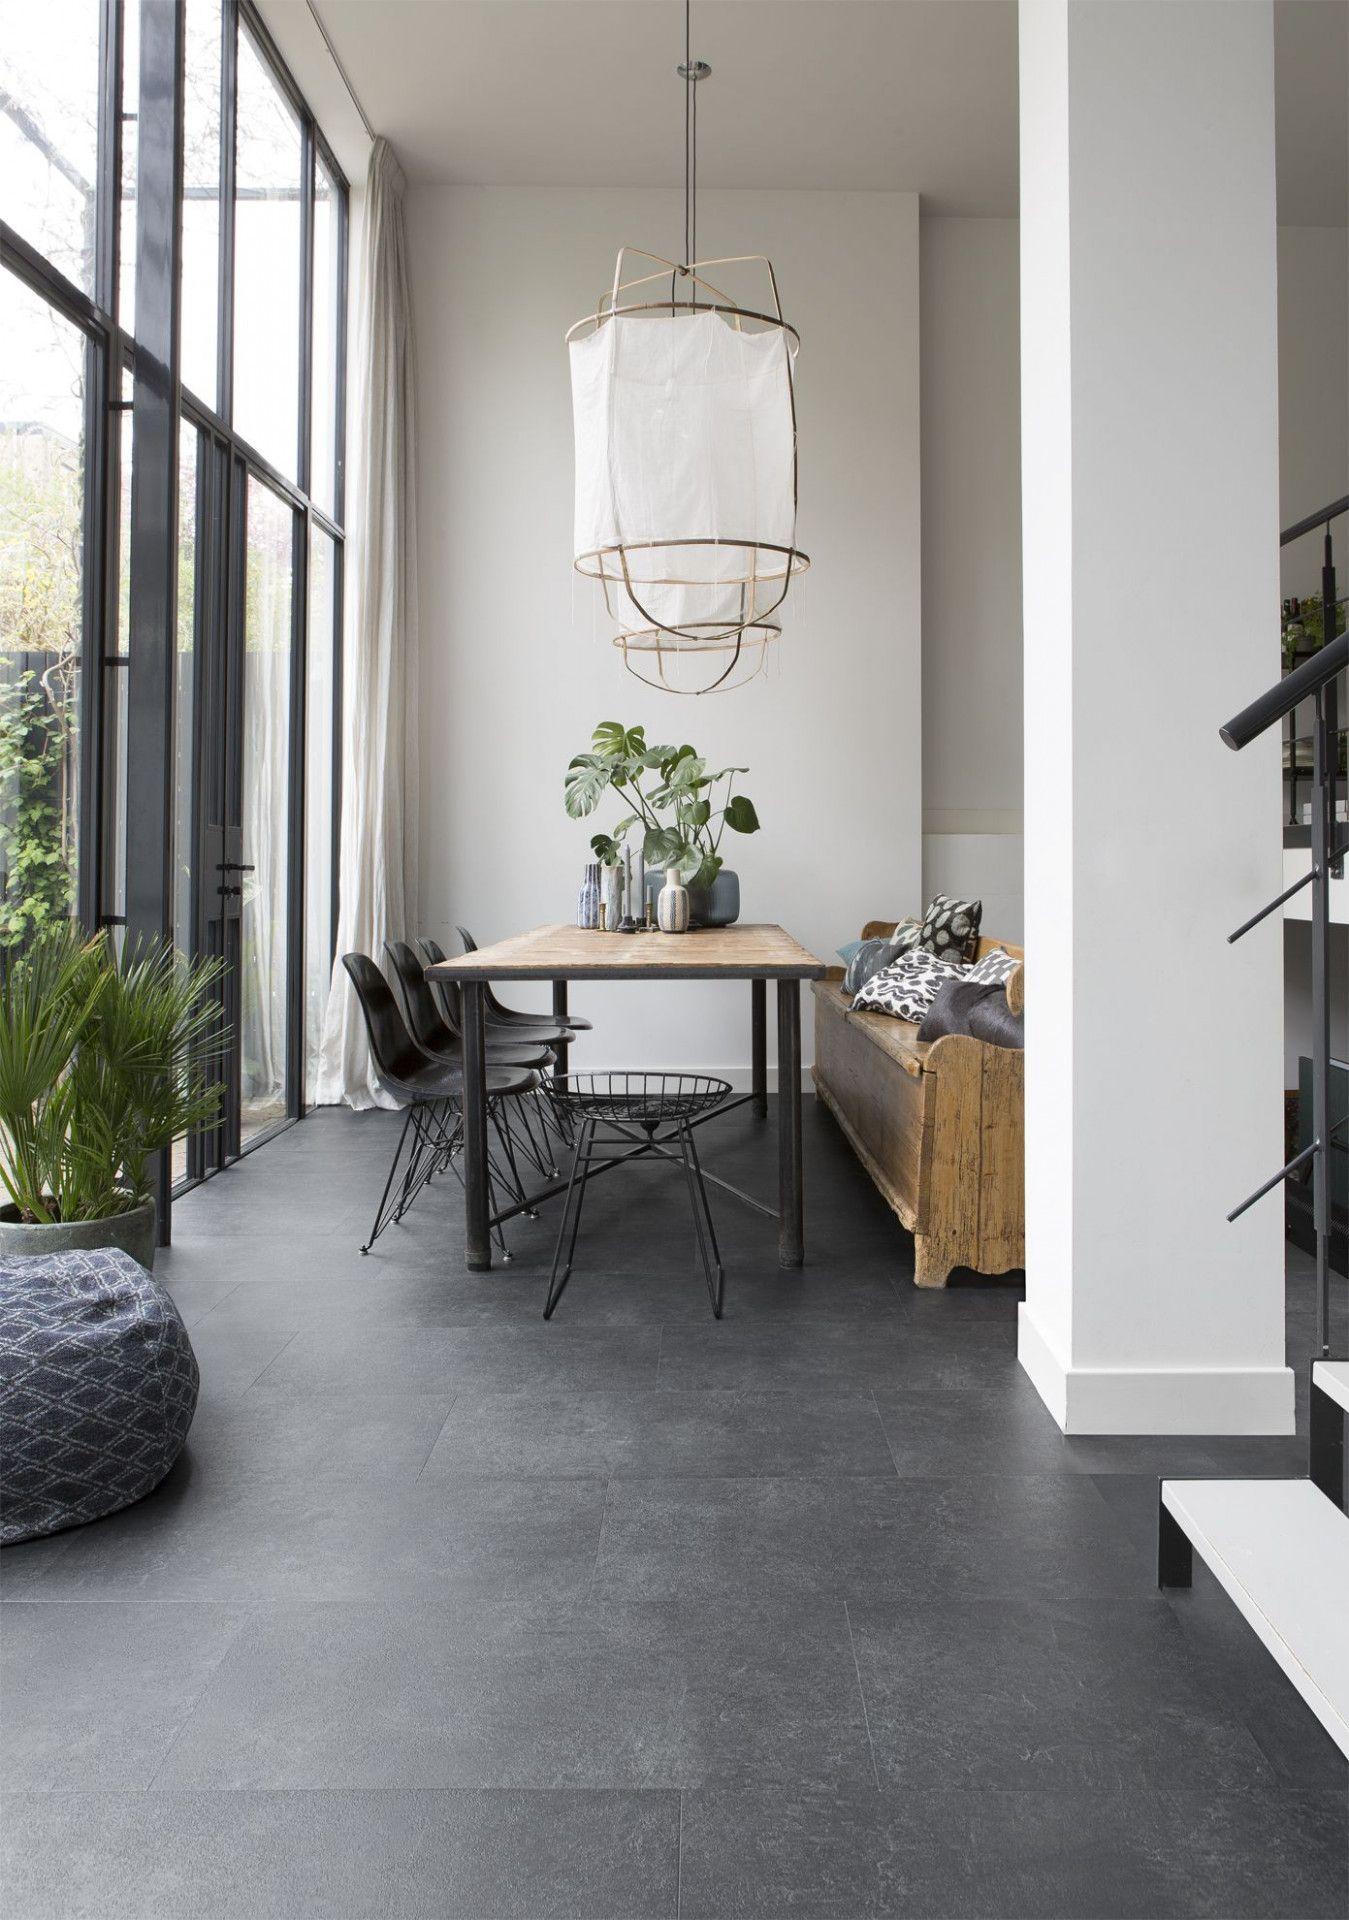 7 Wohnzimmer Mit Dunklen Fliesen Einrichten in 7